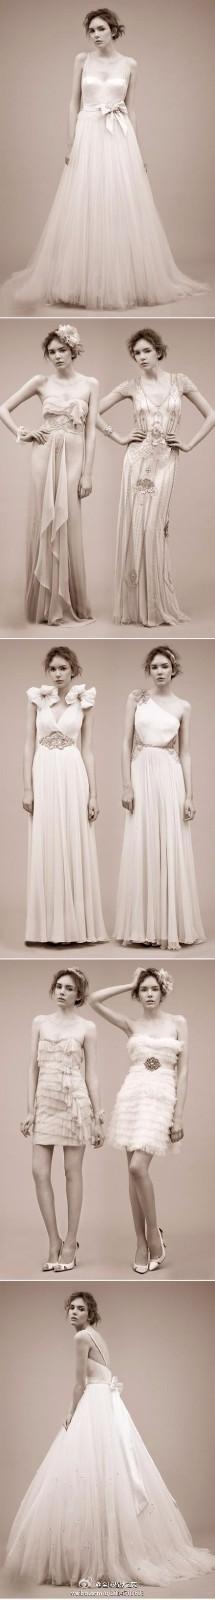 个性婚纱素材设计